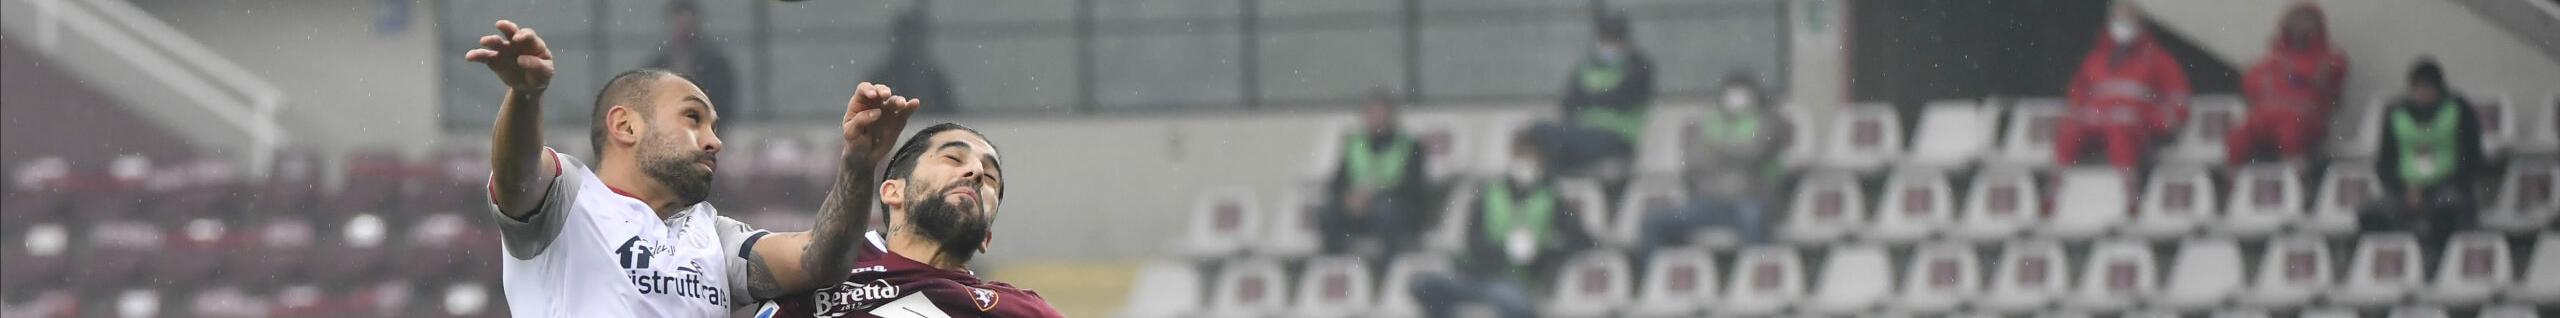 Bologna-Torino, il Toro insegue un altro successo per la salvezza